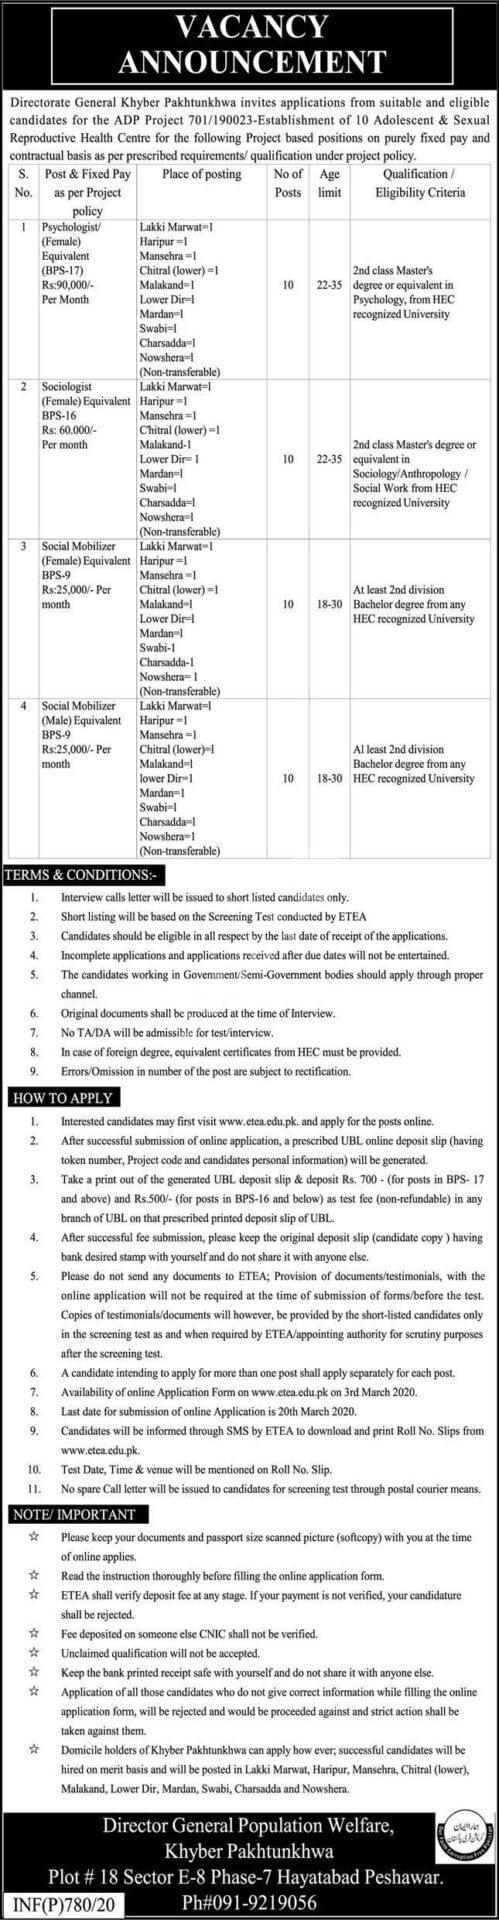 Director General Population Welfare KPK Peshawar Jobs ETEA Result